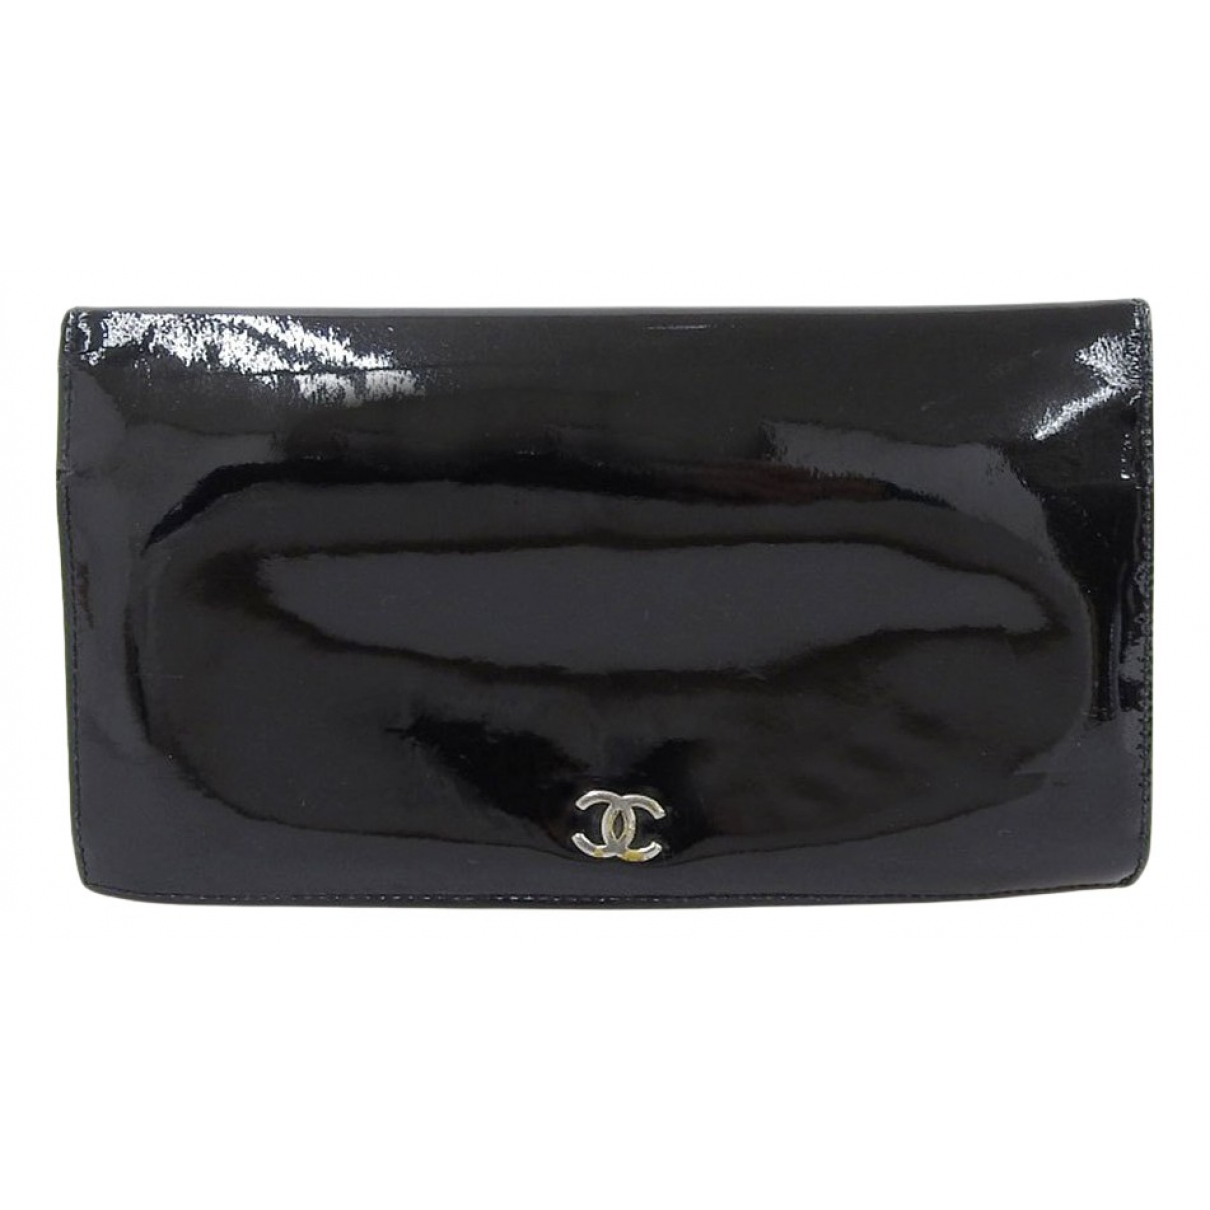 Chanel - Portefeuille   pour femme en cuir verni - multicolore